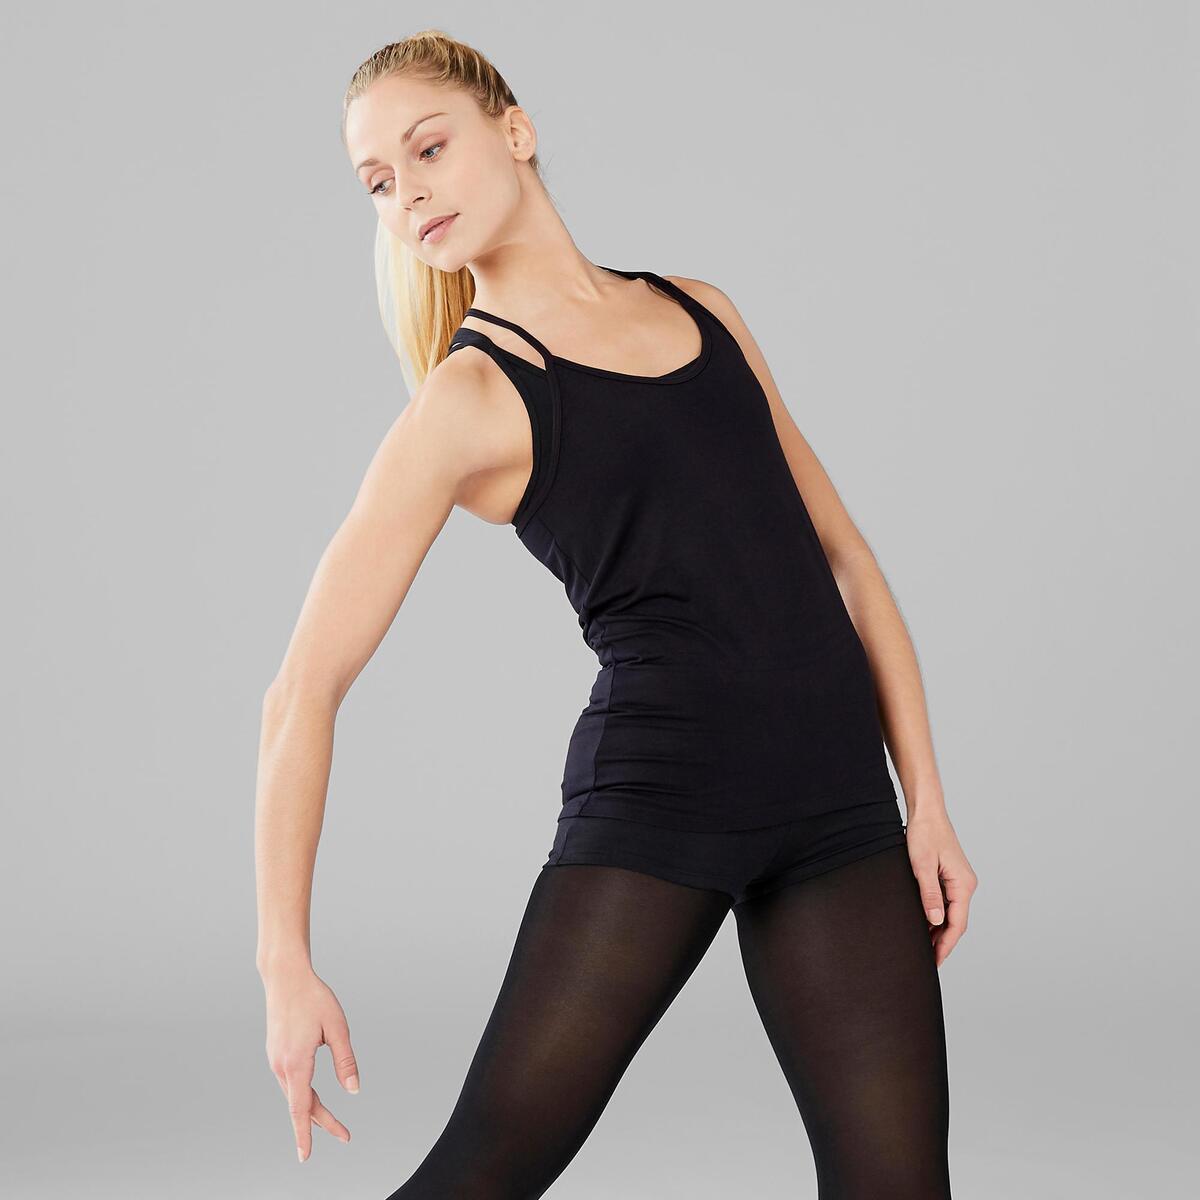 Bild 5 von Top Modern Dance fließend Damen schwarz